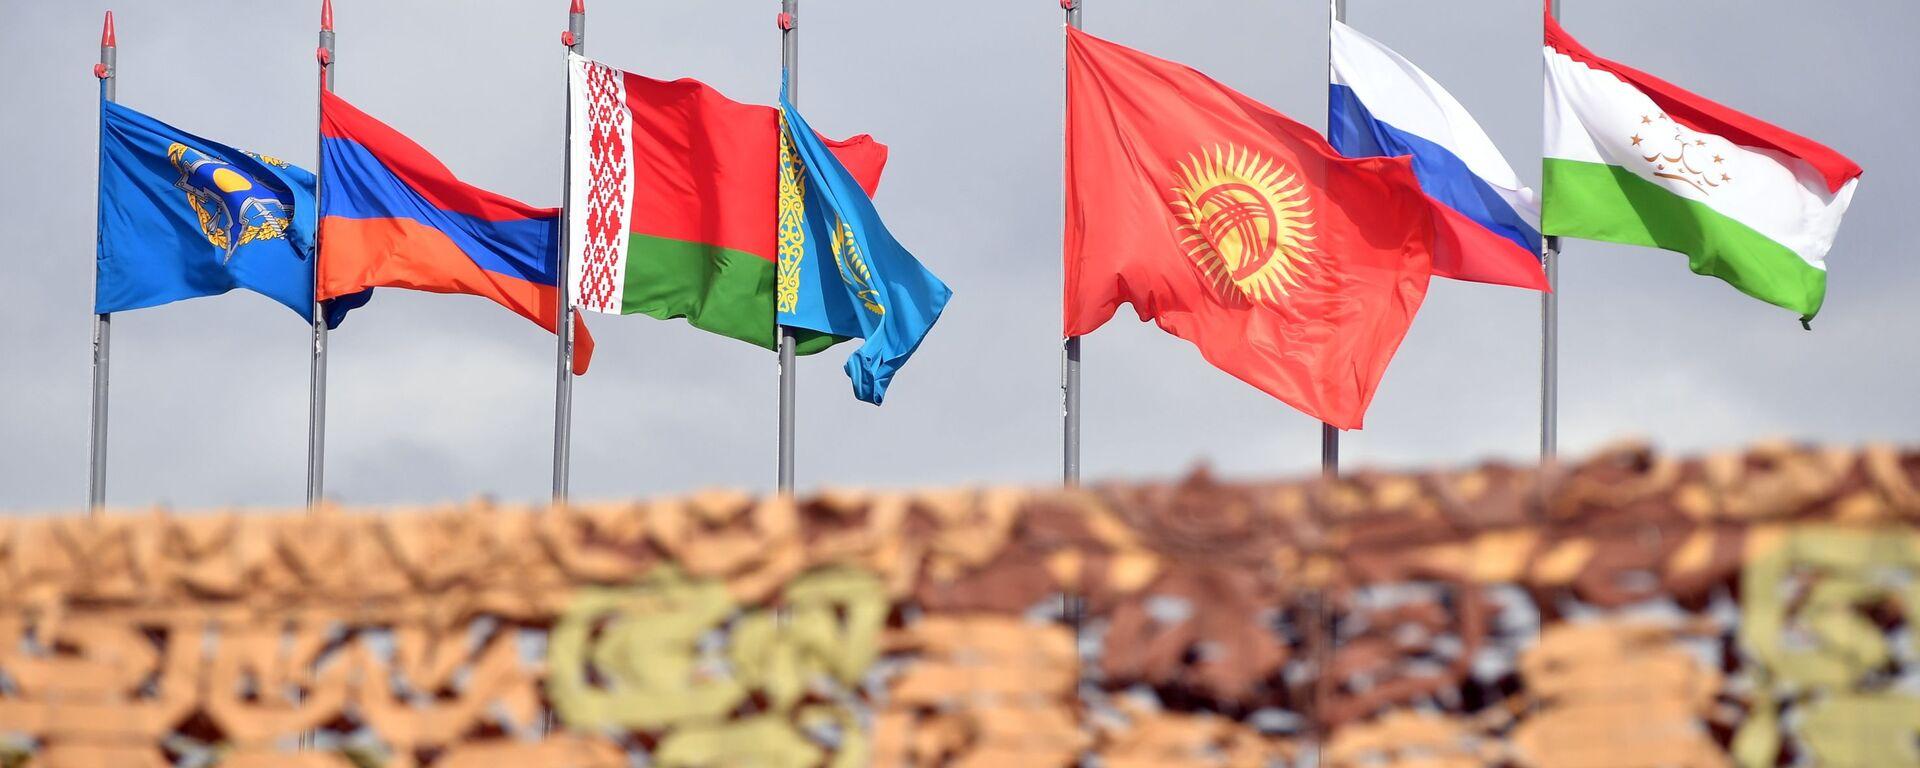 Государственные флаги стран-участниц ОДКБ - Sputnik Узбекистан, 1920, 15.09.2021